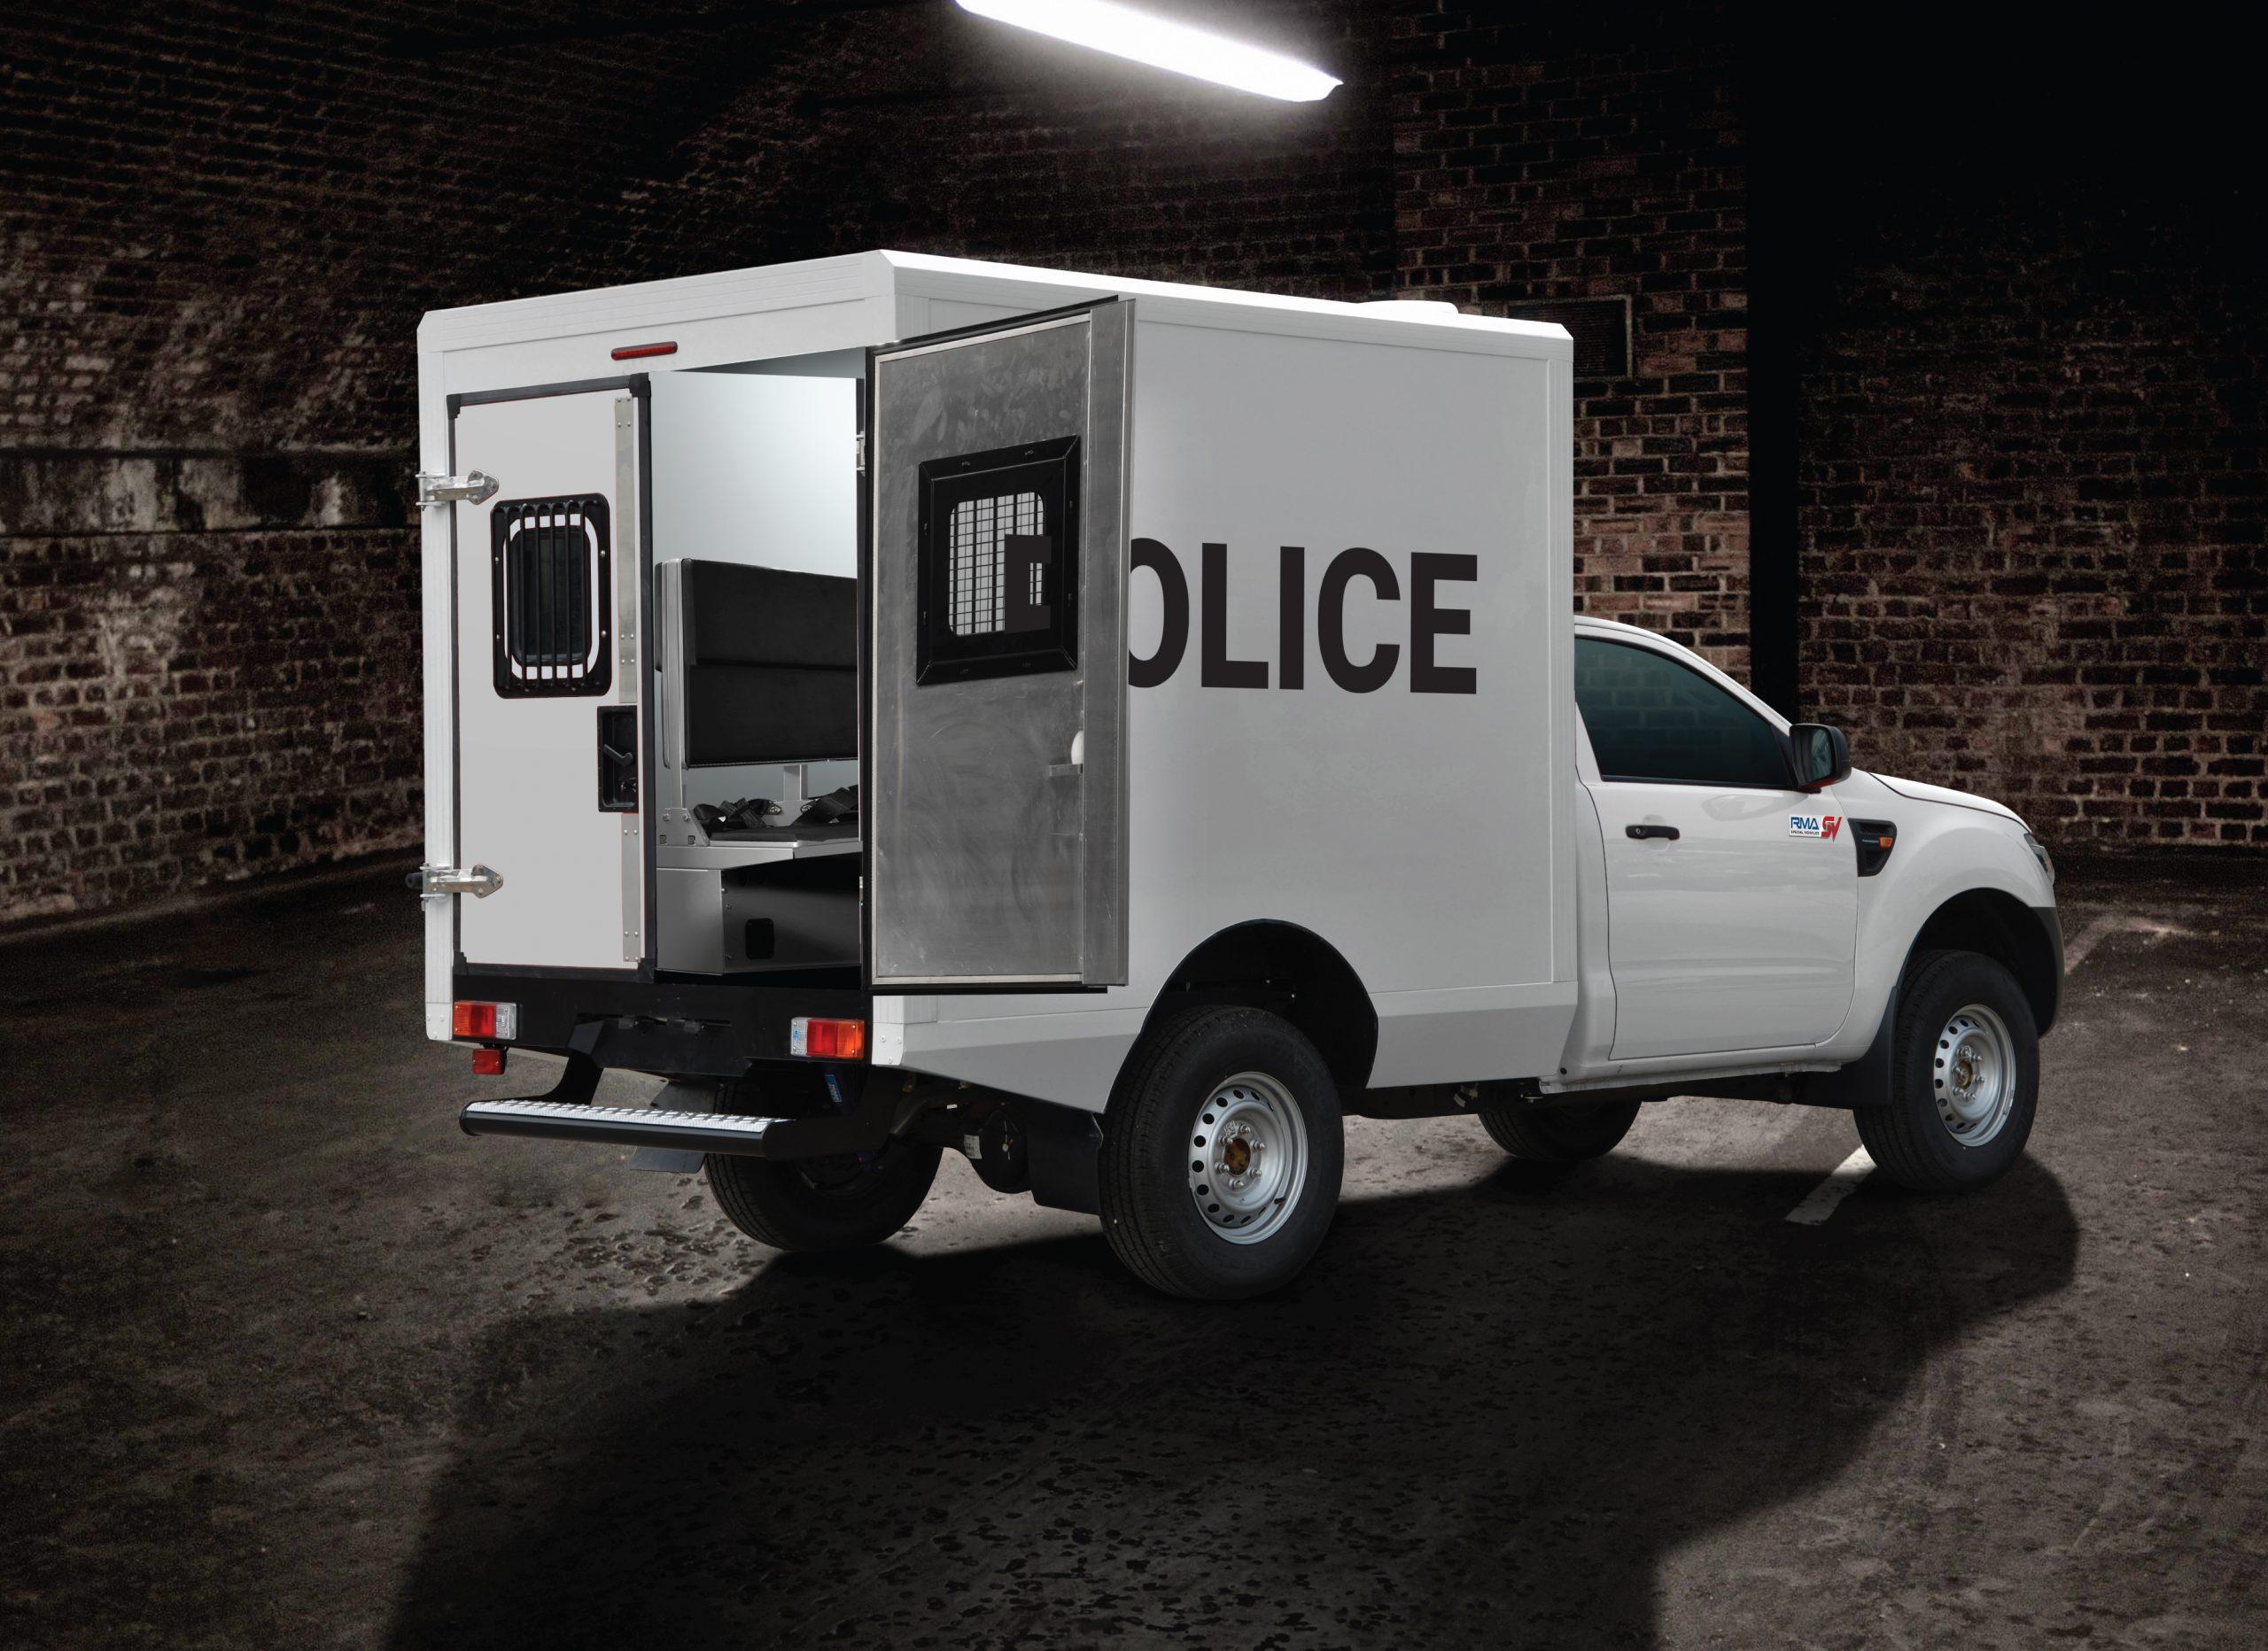 POLICE PICKUP TRUCK